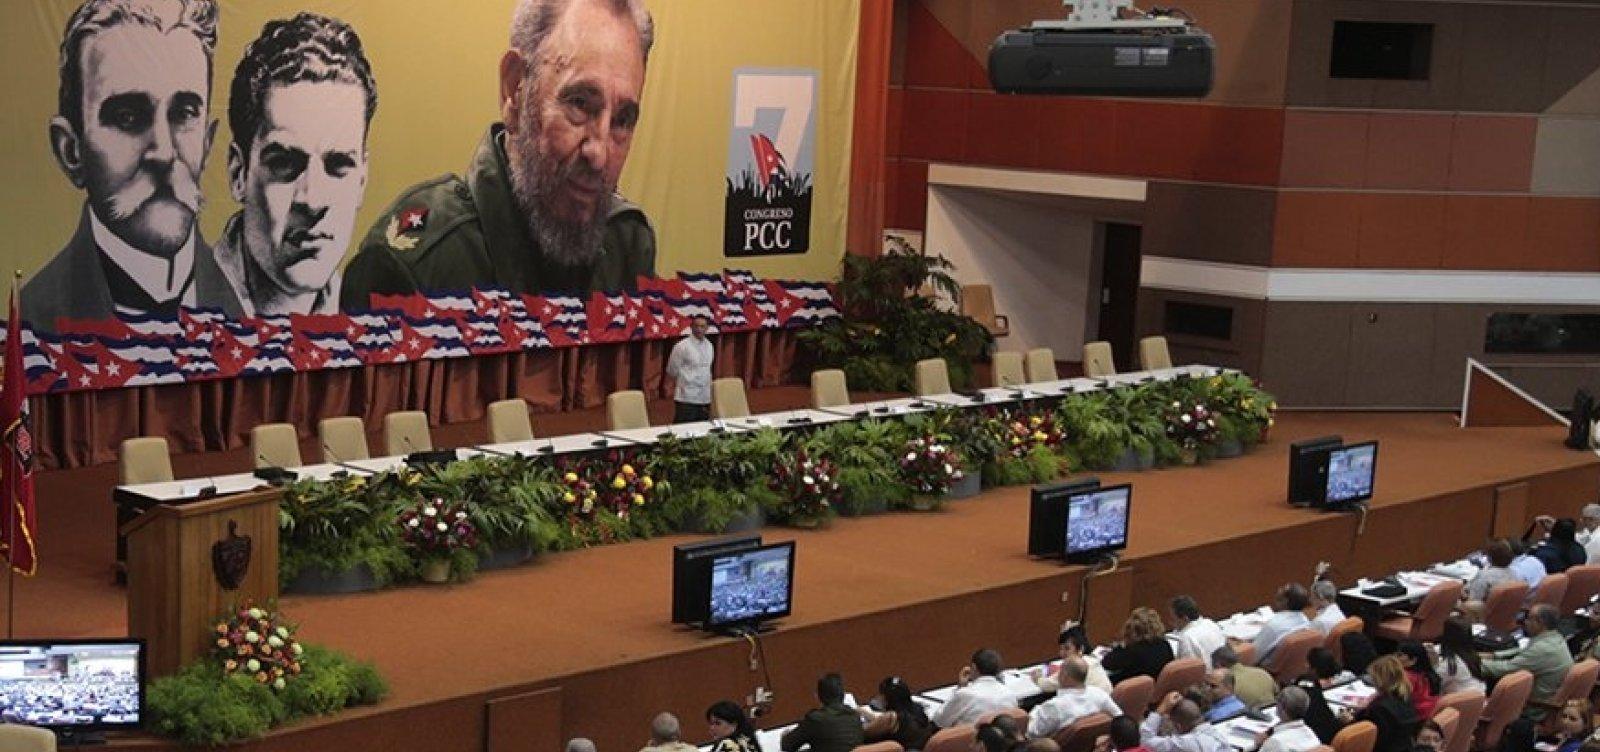 [Cuba permitirá acesso completo à internet via celular pela primeira vez]